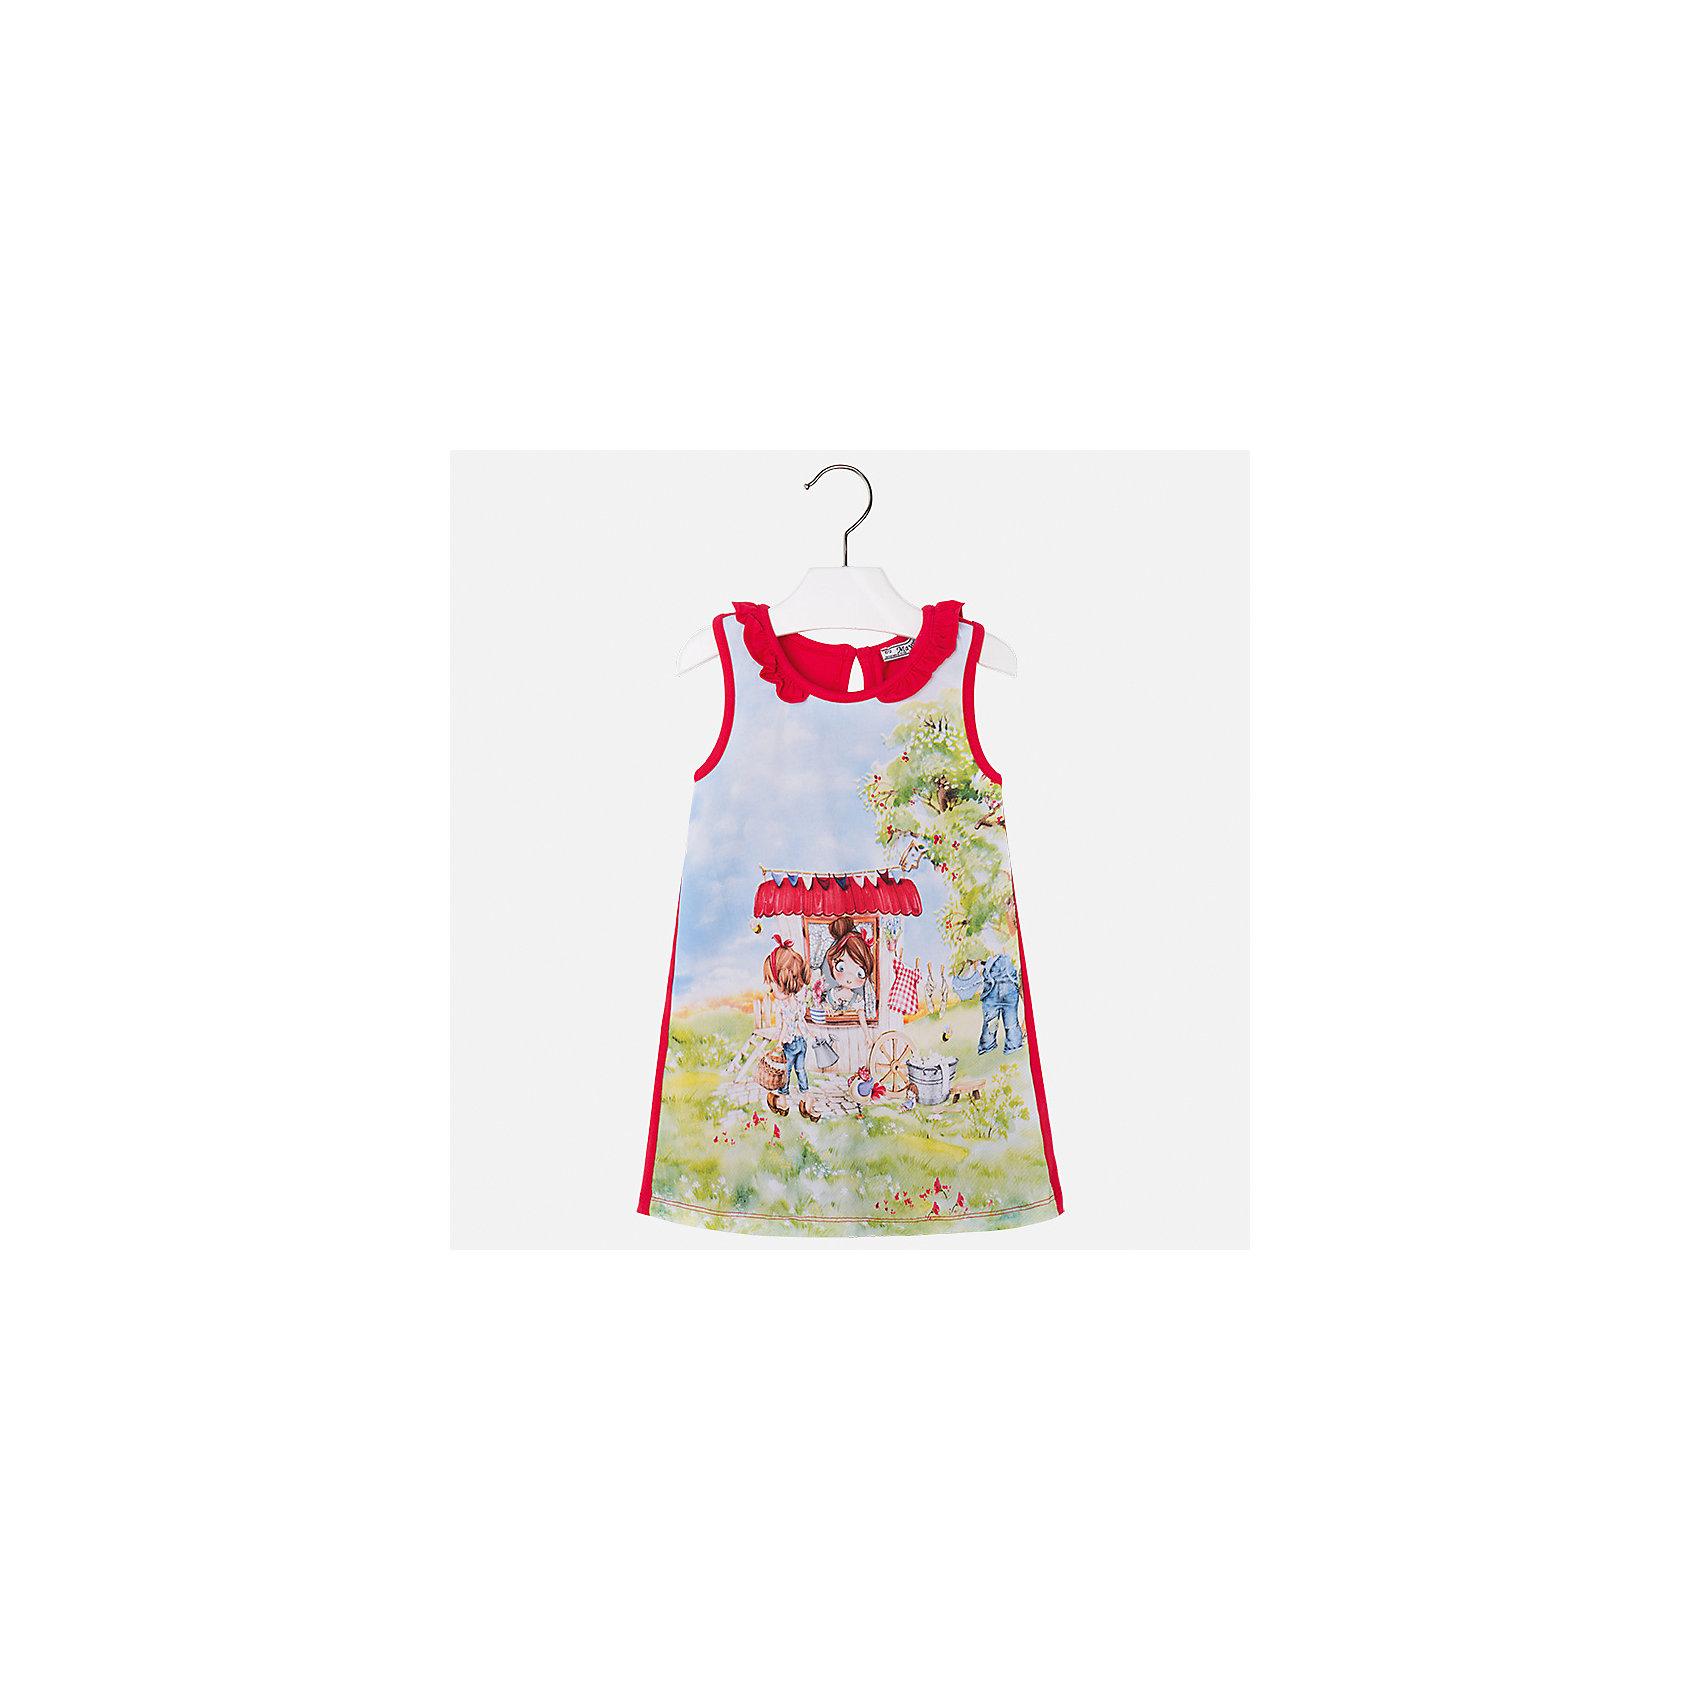 Платье для девочки MayoralХарактеристики товара:<br><br>• цвет: мультиколор/красный<br>• состав: 95% хлопок, 5% эластан<br>• застежка: пуговица<br>• комбинированный материал<br>• без рукавов<br>• декорировано принтом<br>• страна бренда: Испания<br><br>Стильное платье для девочки поможет разнообразить гардероб ребенка и создать эффектный наряд. Оно подойдет для различных случаев. Красивый оттенок позволяет подобрать к вещи обувь разных расцветок. Платье хорошо сидит по фигуре. В составе материала - натуральный хлопок, гипоаллергенный, приятный на ощупь, дышащий.<br><br>Одежда, обувь и аксессуары от испанского бренда Mayoral полюбились детям и взрослым по всему миру. Модели этой марки - стильные и удобные. Для их производства используются только безопасные, качественные материалы и фурнитура. Порадуйте ребенка модными и красивыми вещами от Mayoral! <br><br>Платье для девочки от испанского бренда Mayoral (Майорал) можно купить в нашем интернет-магазине.<br><br>Ширина мм: 236<br>Глубина мм: 16<br>Высота мм: 184<br>Вес г: 177<br>Цвет: красный<br>Возраст от месяцев: 18<br>Возраст до месяцев: 24<br>Пол: Женский<br>Возраст: Детский<br>Размер: 92,134,98,104,110,116,122,128<br>SKU: 5300654